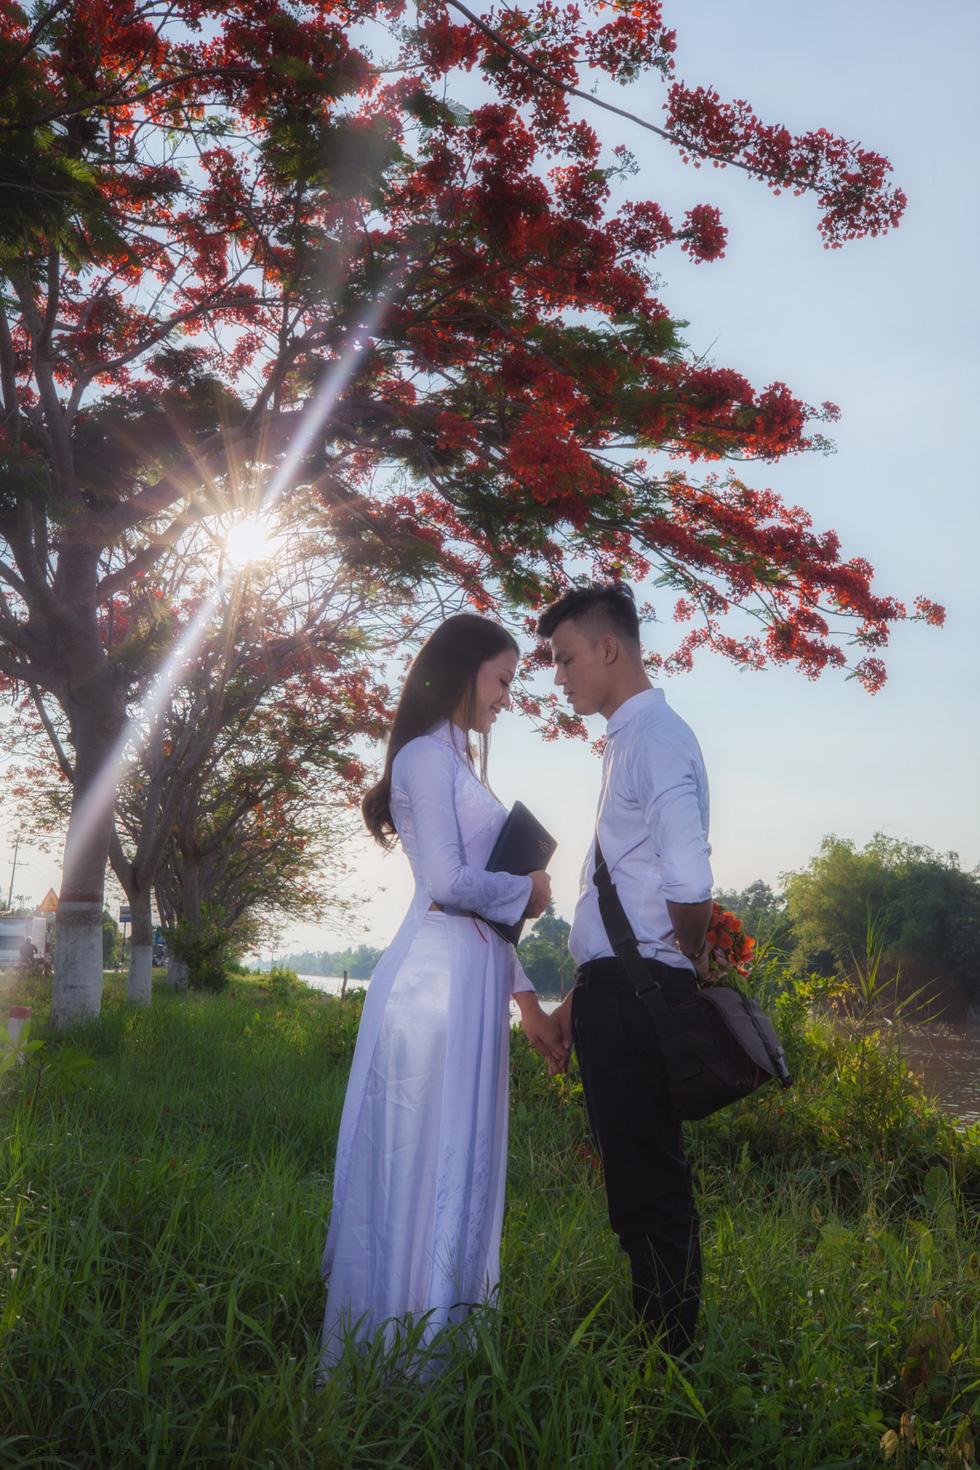 """Bộ ảnh chụp tại đây được bạn Phạm Huy chia sẻ trên mạng xã hội. Huy viết trên trang cá nhân: """"Quay về kỷ niệm thuở còn học sinh. Có những thứ trôi qua không bao giờ tim lại được"""" - Ảnh: HỮU HIẾU"""